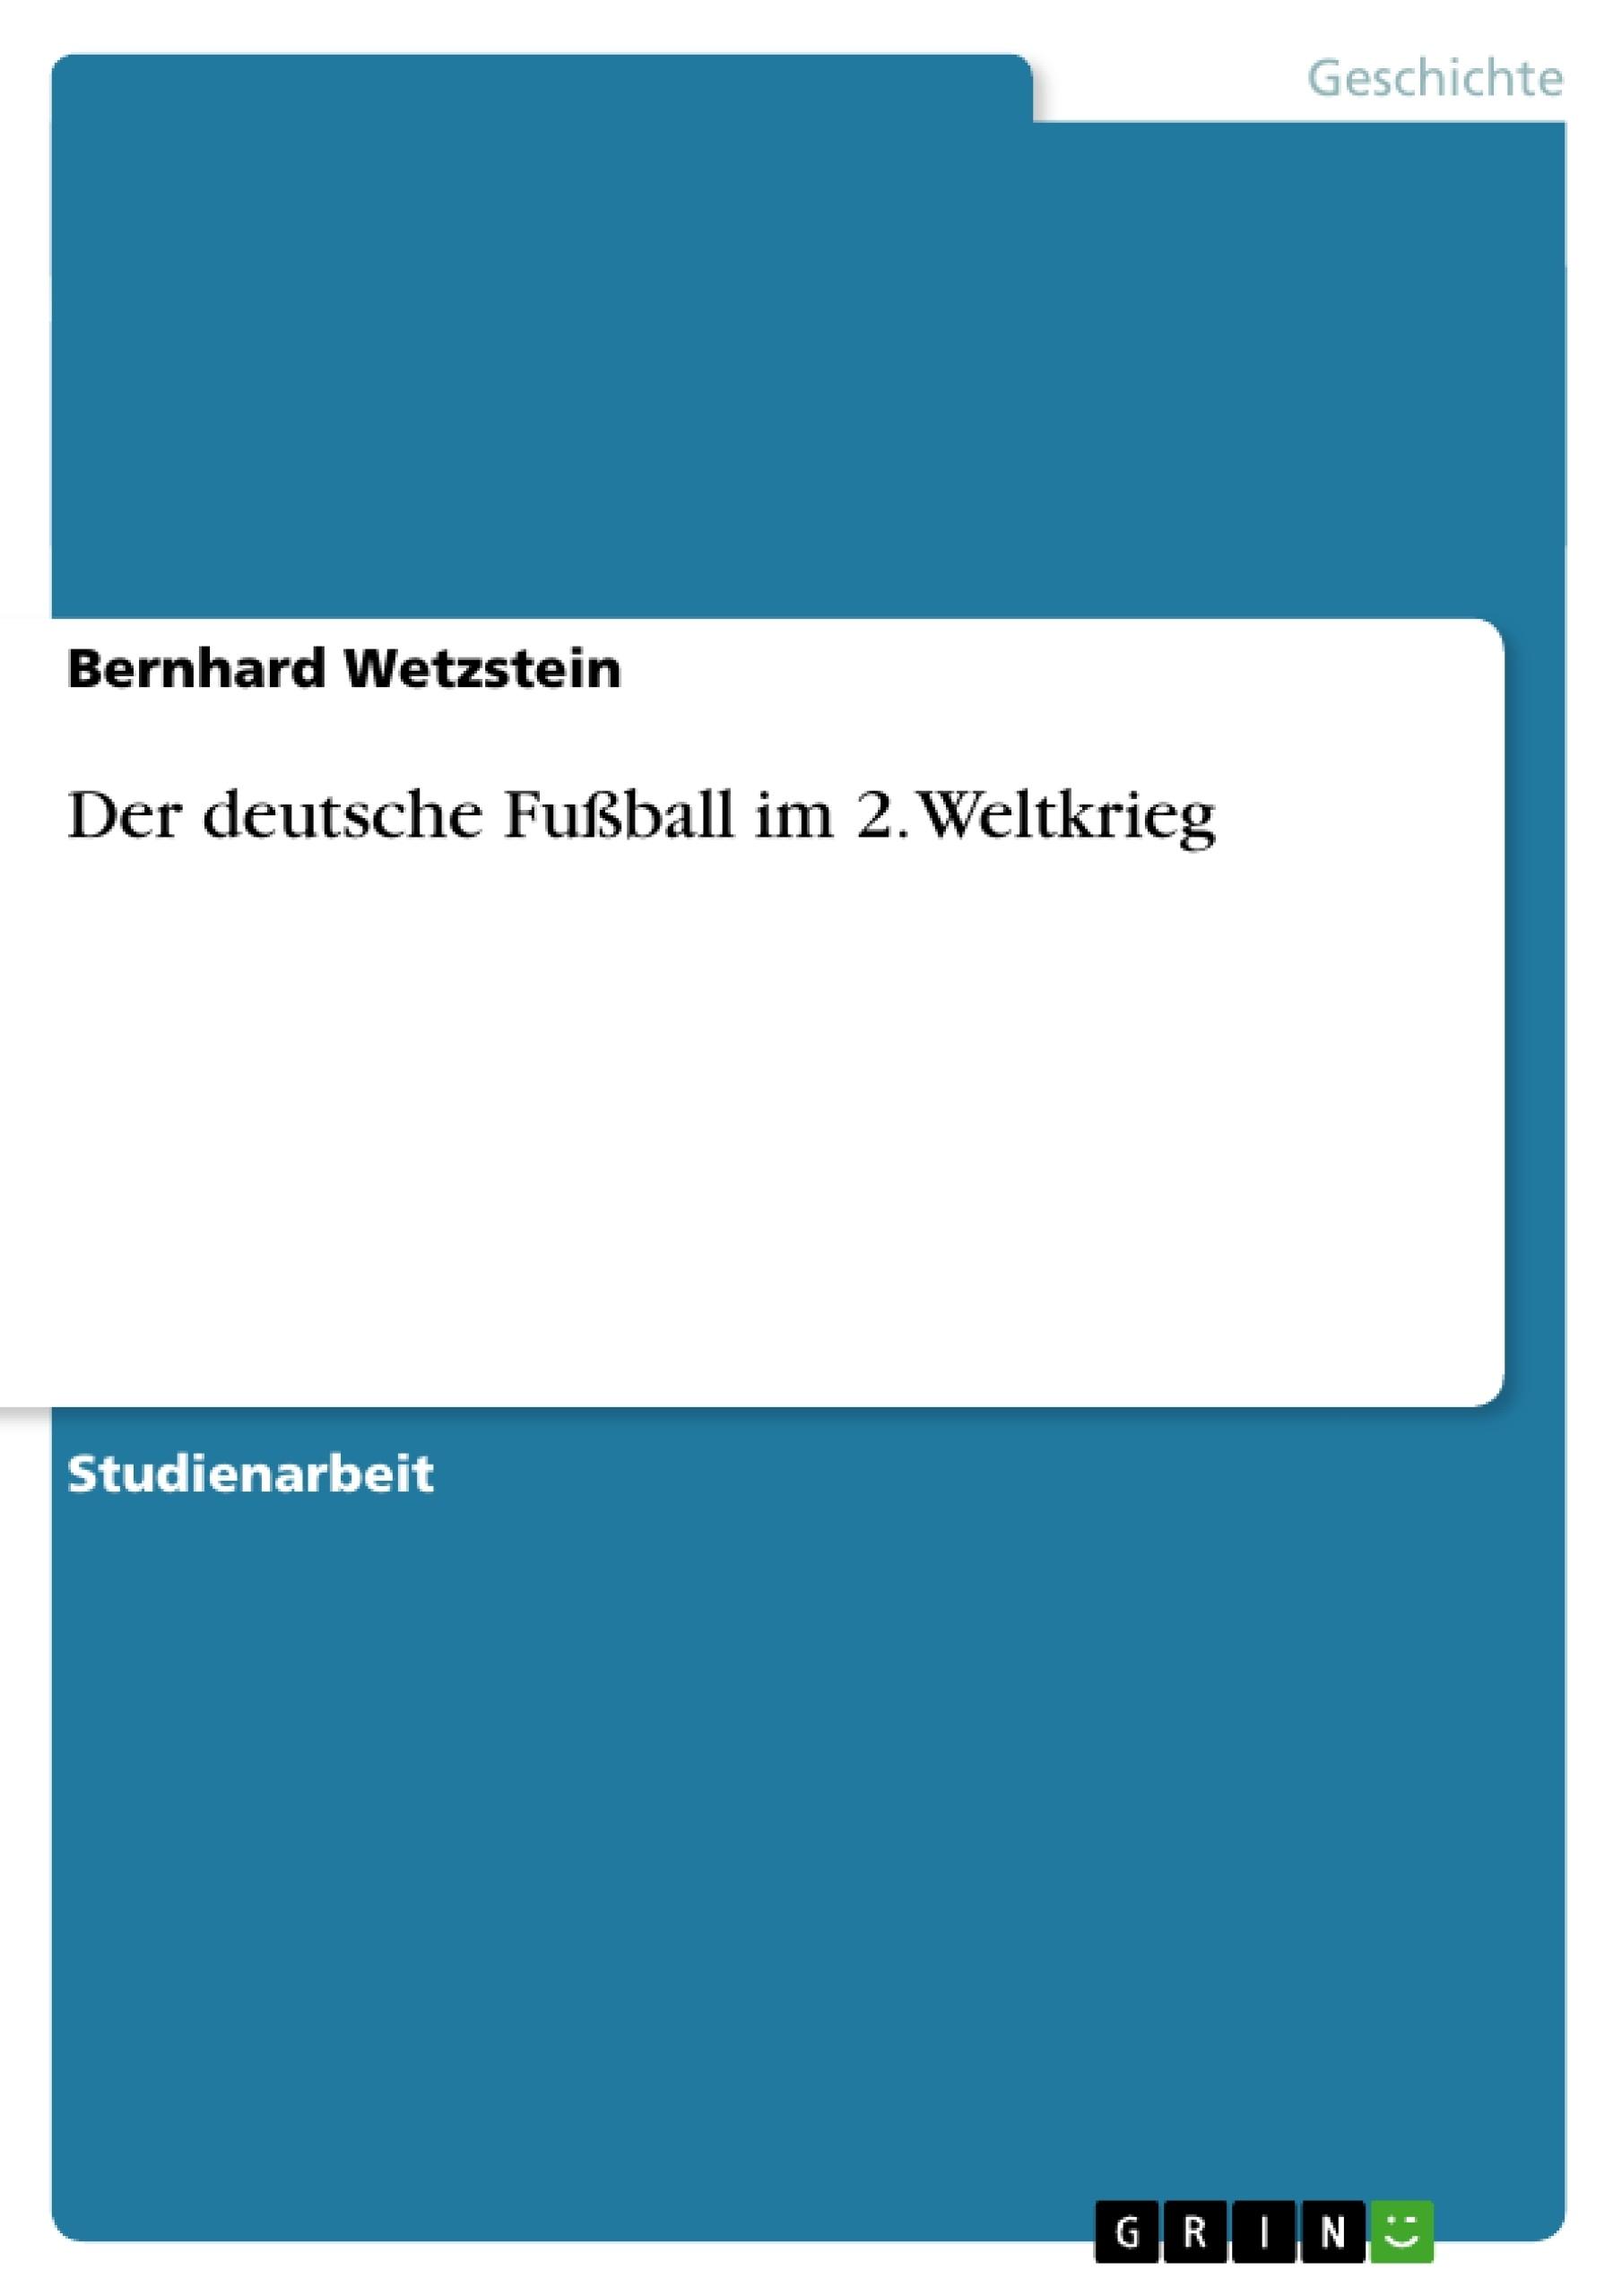 Titel: Der deutsche Fußball im 2. Weltkrieg